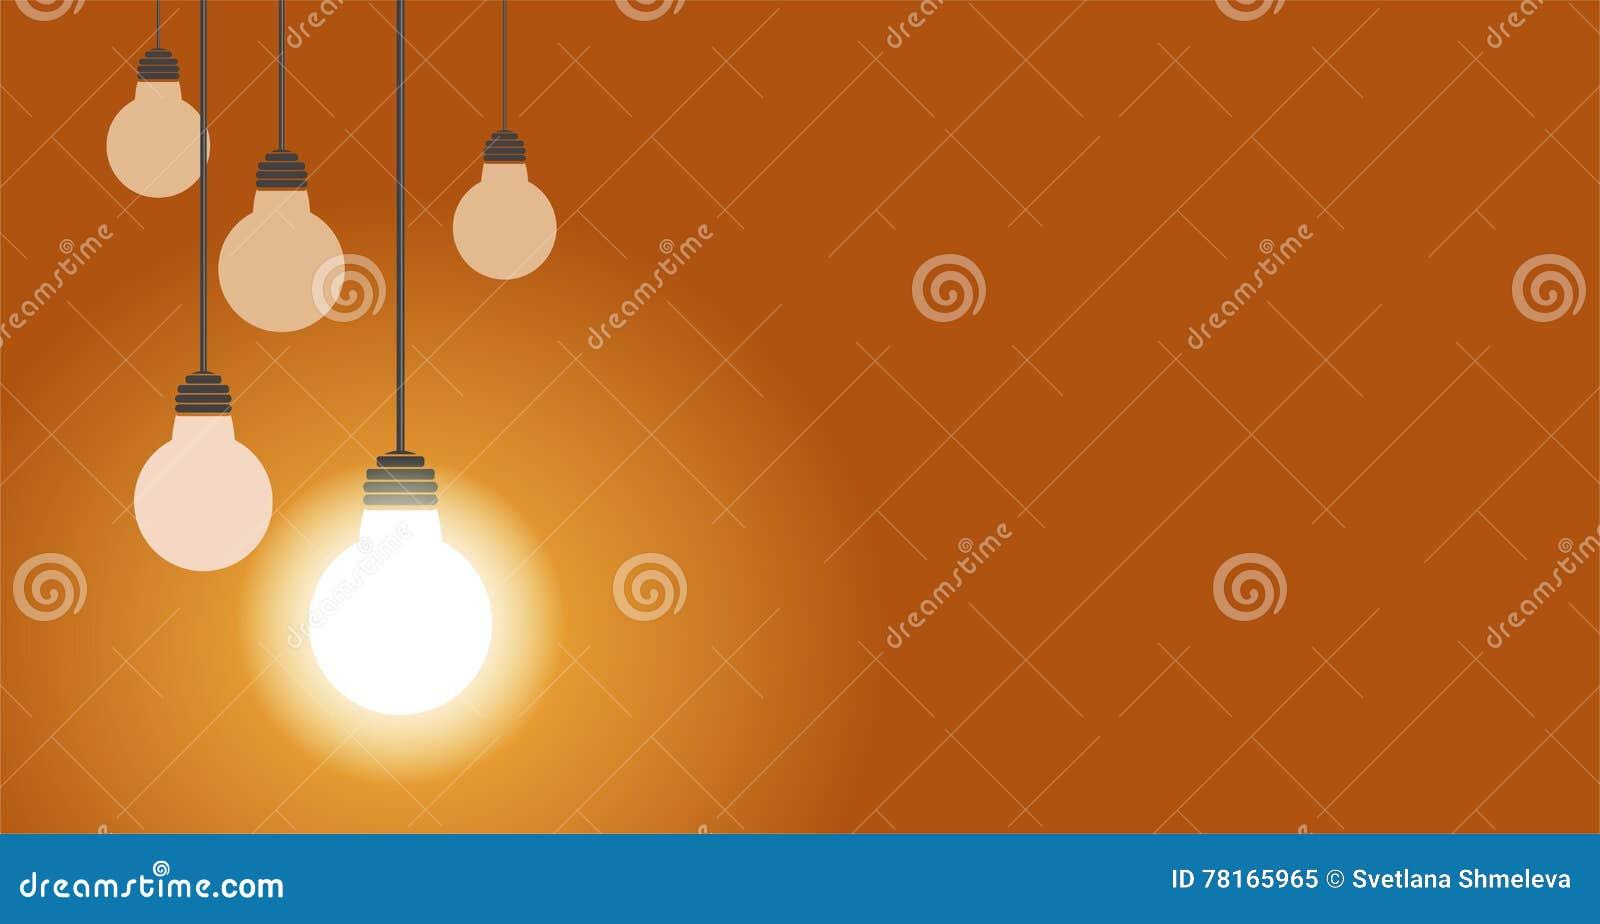 Hängende Glühlampen eine von ihnen Glühen, Illustration